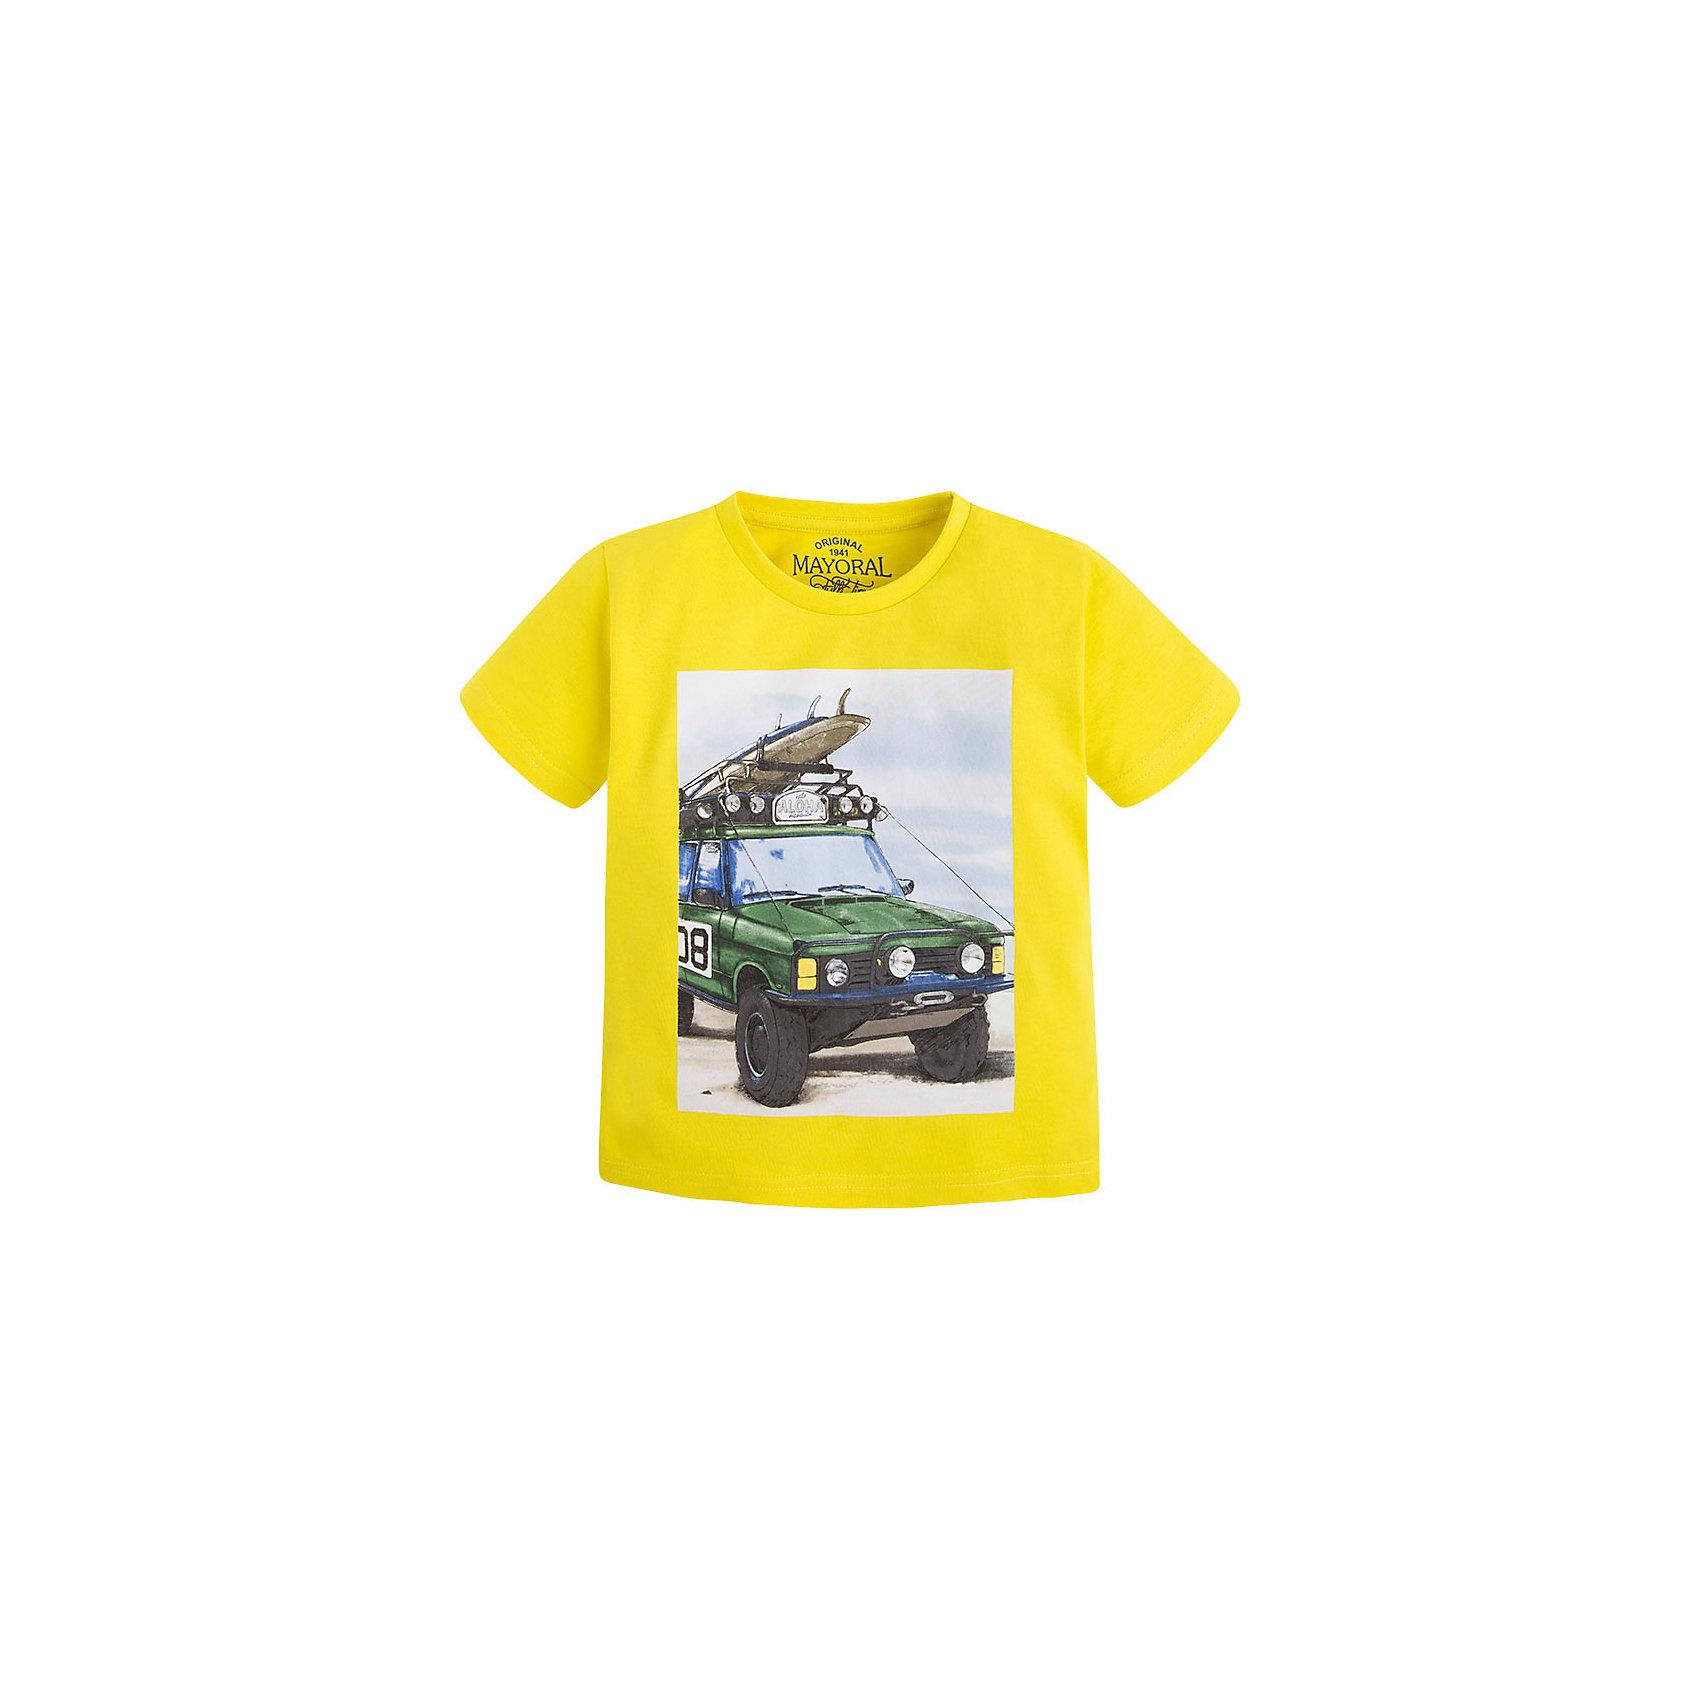 Футболка для мальчика MayoralФутболка для мальчика от известной испанской марки Mayoral <br><br>Стильная футболка от Mayoral - отличный вариант одежды на каждый день! Она прекрасно сочетается с джинсами и шортами.  Модель выполнена из качественных материалов, отлично сидит по фигуре.<br><br>Особенности модели:<br><br>- цвет: желтый;<br>- рукава короткие;<br>- украшена принтом;<br>- натуральный материал.<br><br>Дополнительная информация:<br><br>Состав: 100% хлопок<br><br>Футболку для мальчика Mayoral (Майорал) можно купить в нашем магазине.<br><br>Ширина мм: 199<br>Глубина мм: 10<br>Высота мм: 161<br>Вес г: 151<br>Цвет: оранжевый<br>Возраст от месяцев: 96<br>Возраст до месяцев: 108<br>Пол: Мужской<br>Возраст: Детский<br>Размер: 134,128,110,98,104,116,122<br>SKU: 4541389